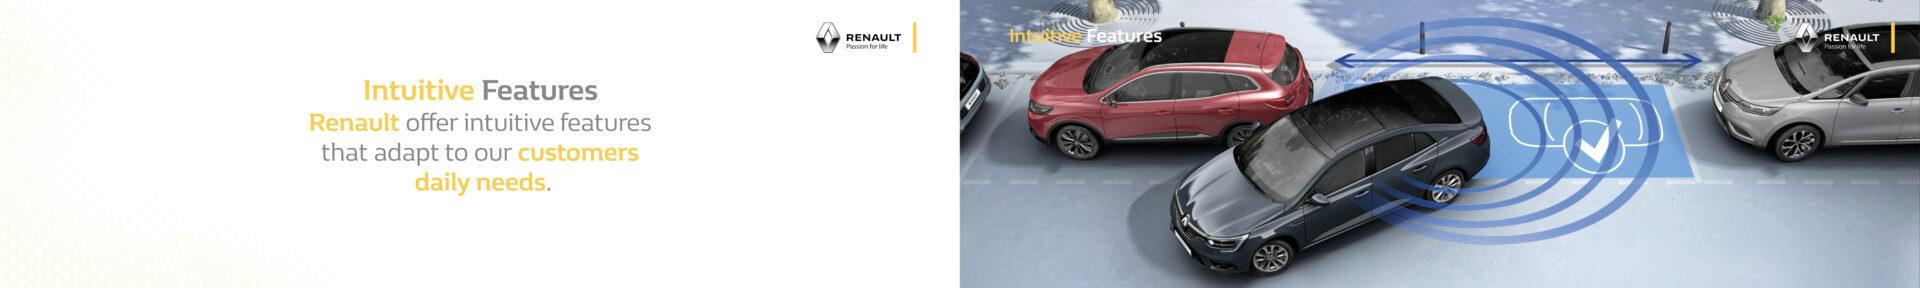 Renault-Keynote-20171028.016